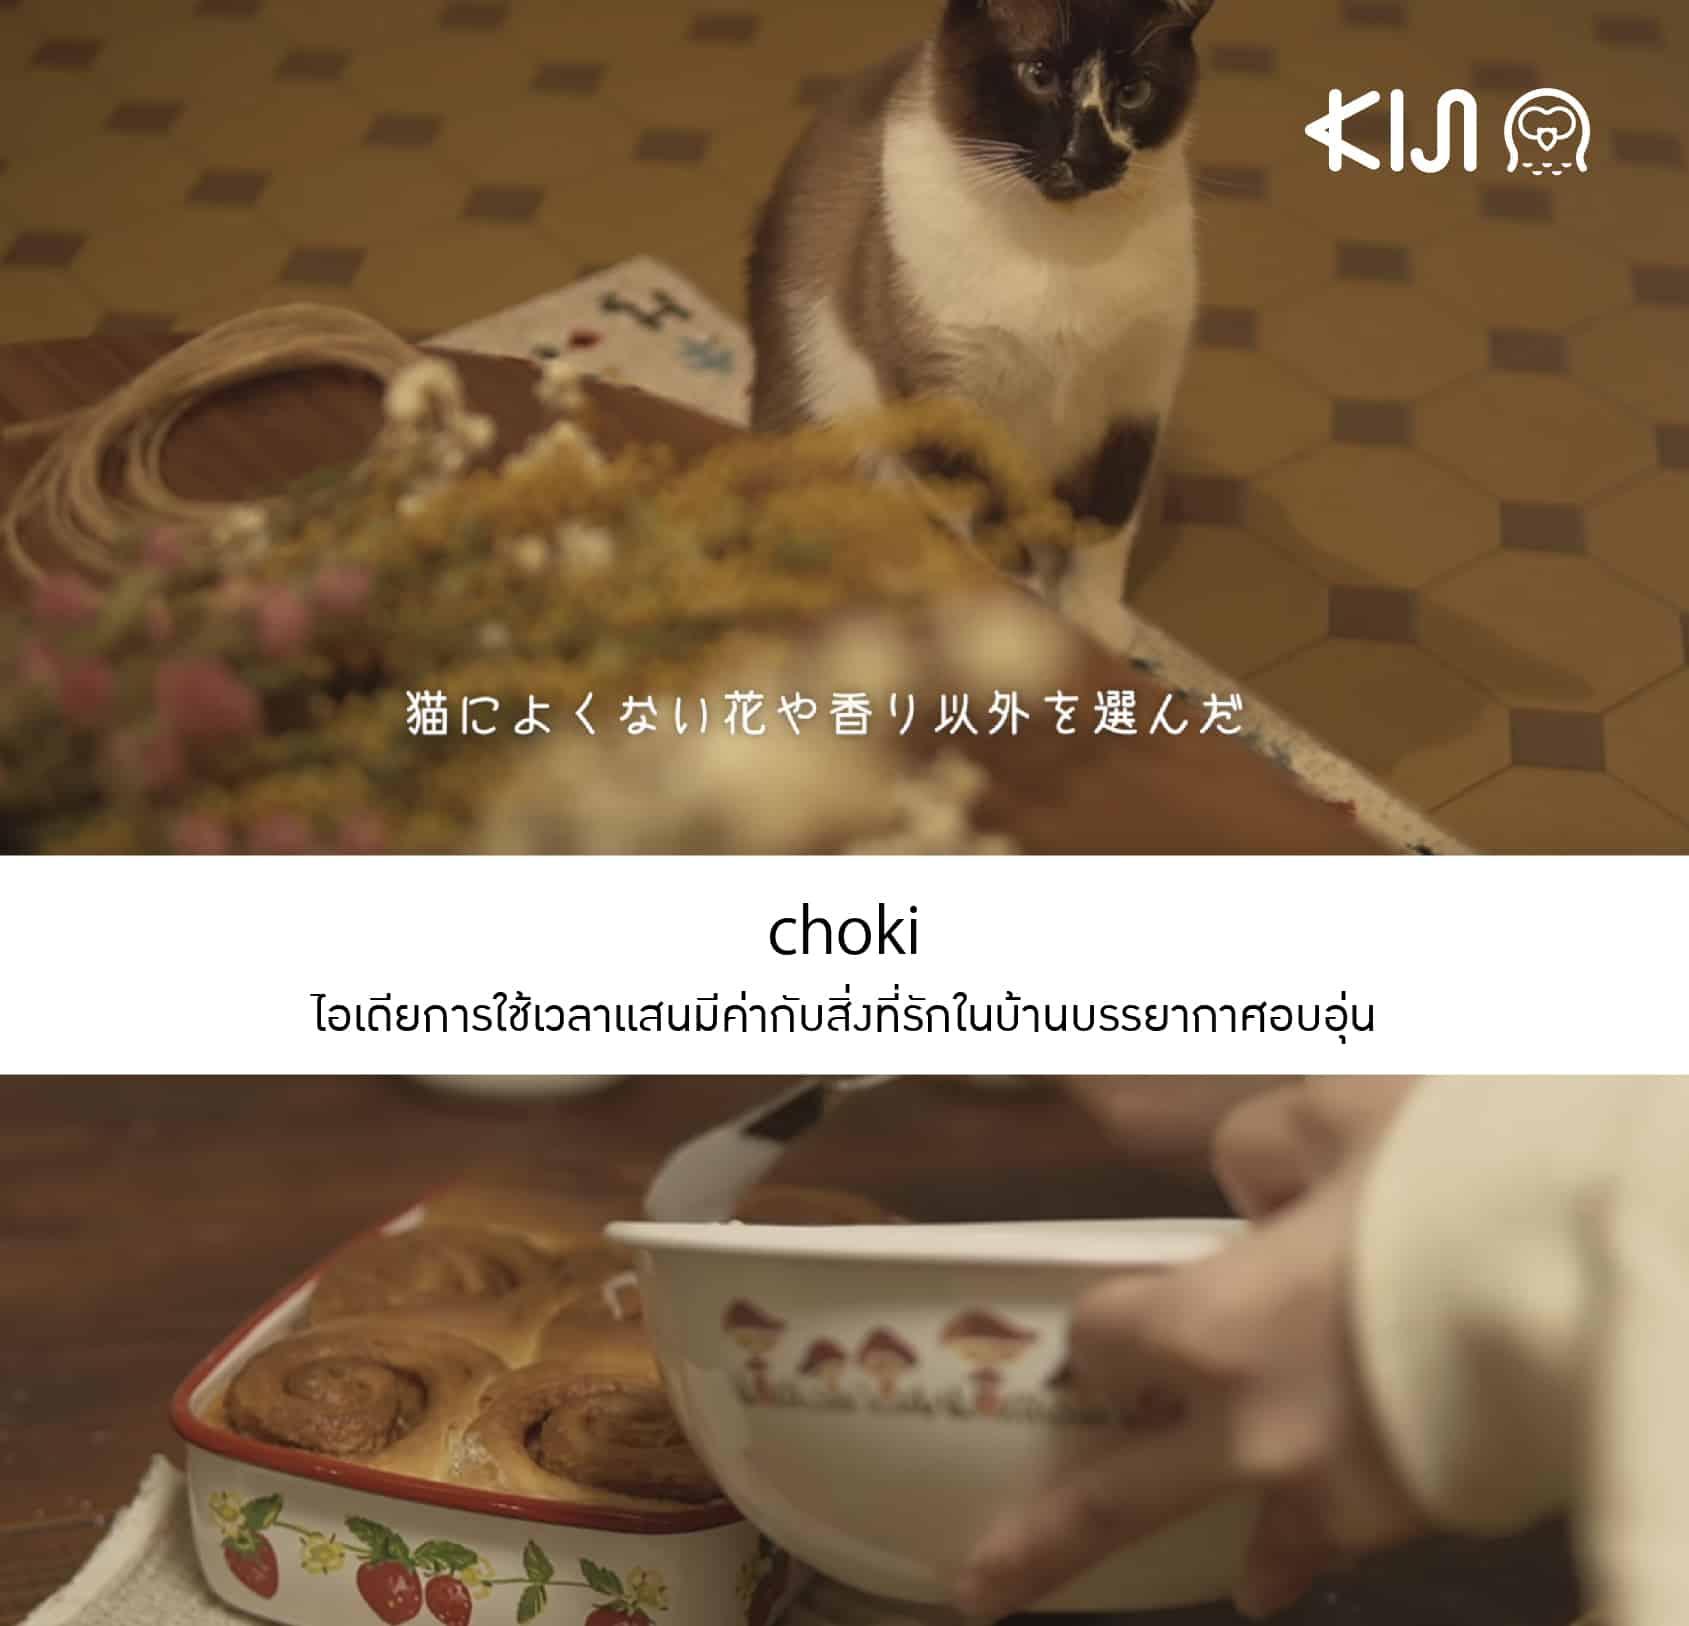 choki ยูทูปเบอร์ญี่ปุ่น กับไอเดียการใช้เวลาแสนมีค่ากับสิ่งที่รักในบ้านบรรยากาศอบอุ่น